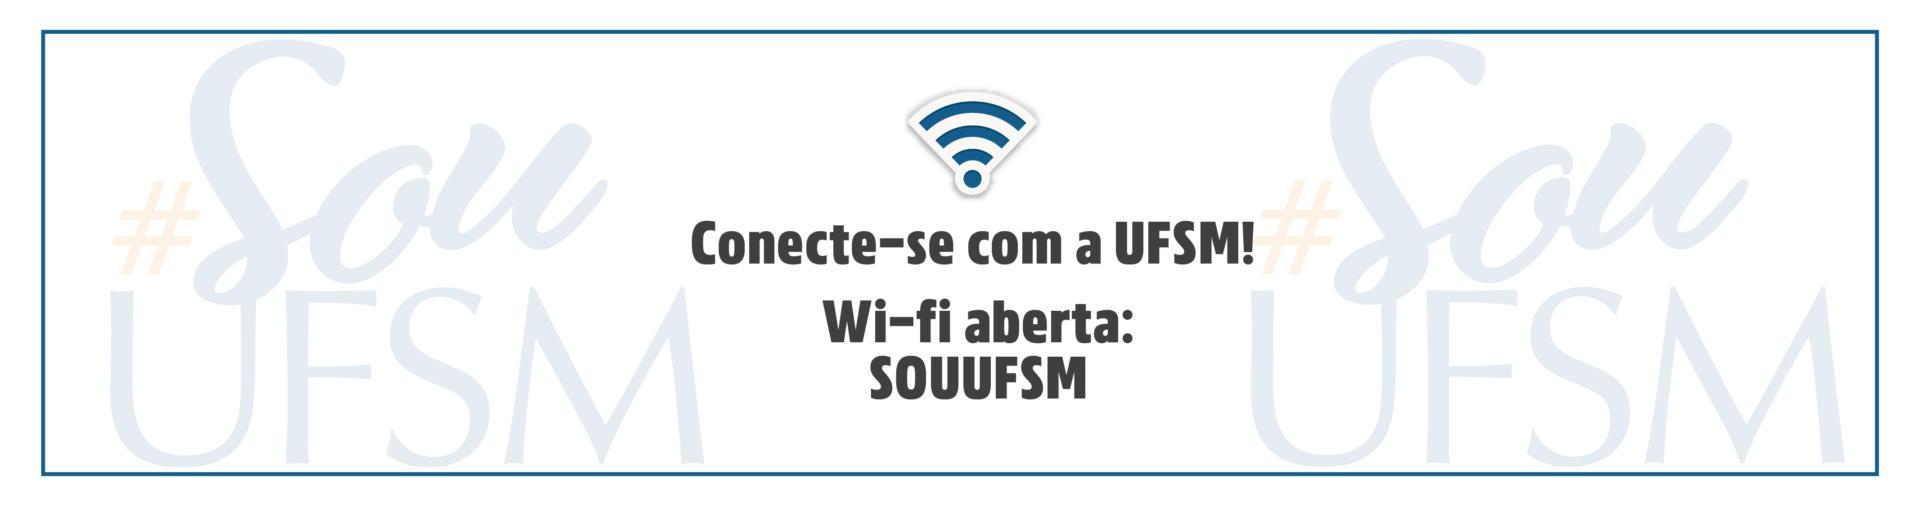 """Arte retangular em branco com o texto """"Conecte-se com a UFSM! Wi-fi aberta: SOUUFSM"""" escrito em preto no centro da imagem. Acima do texto há um ícone de wi-fi."""